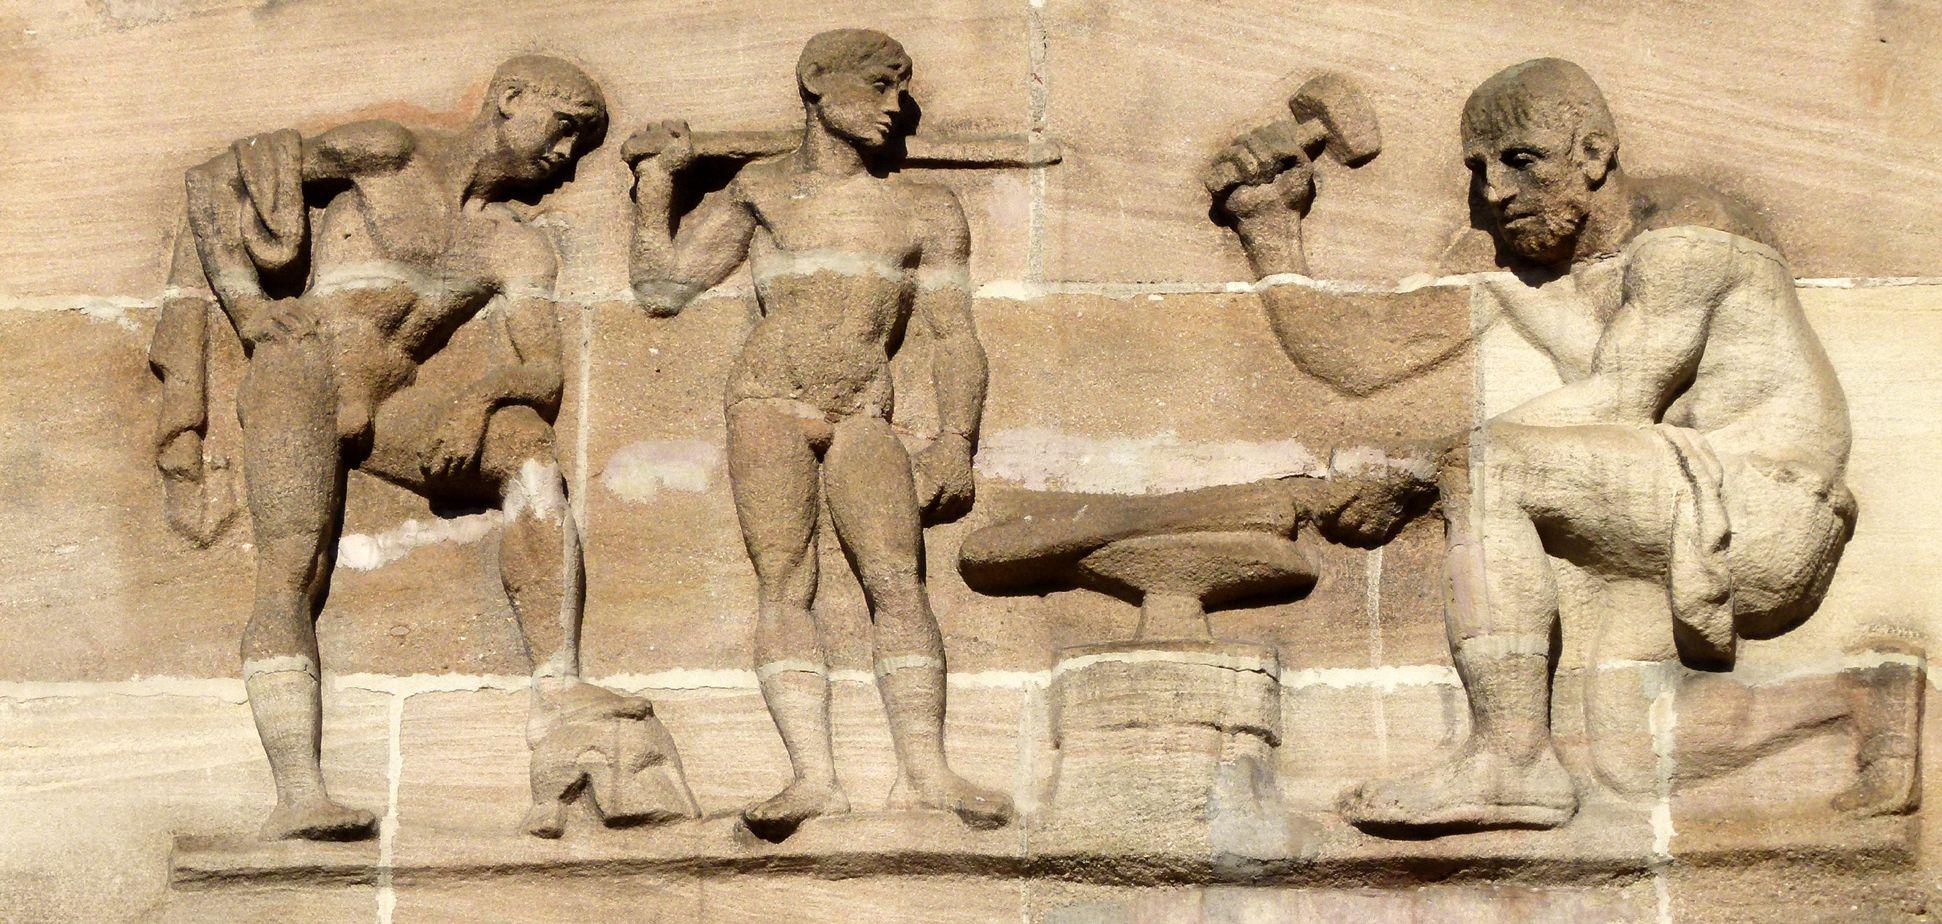 Sigmund Schuckert-Haus Chörlein, unteres Relief von Josef Wackerle: Die Schmiede des Vulkans - Anspielung an Siemens